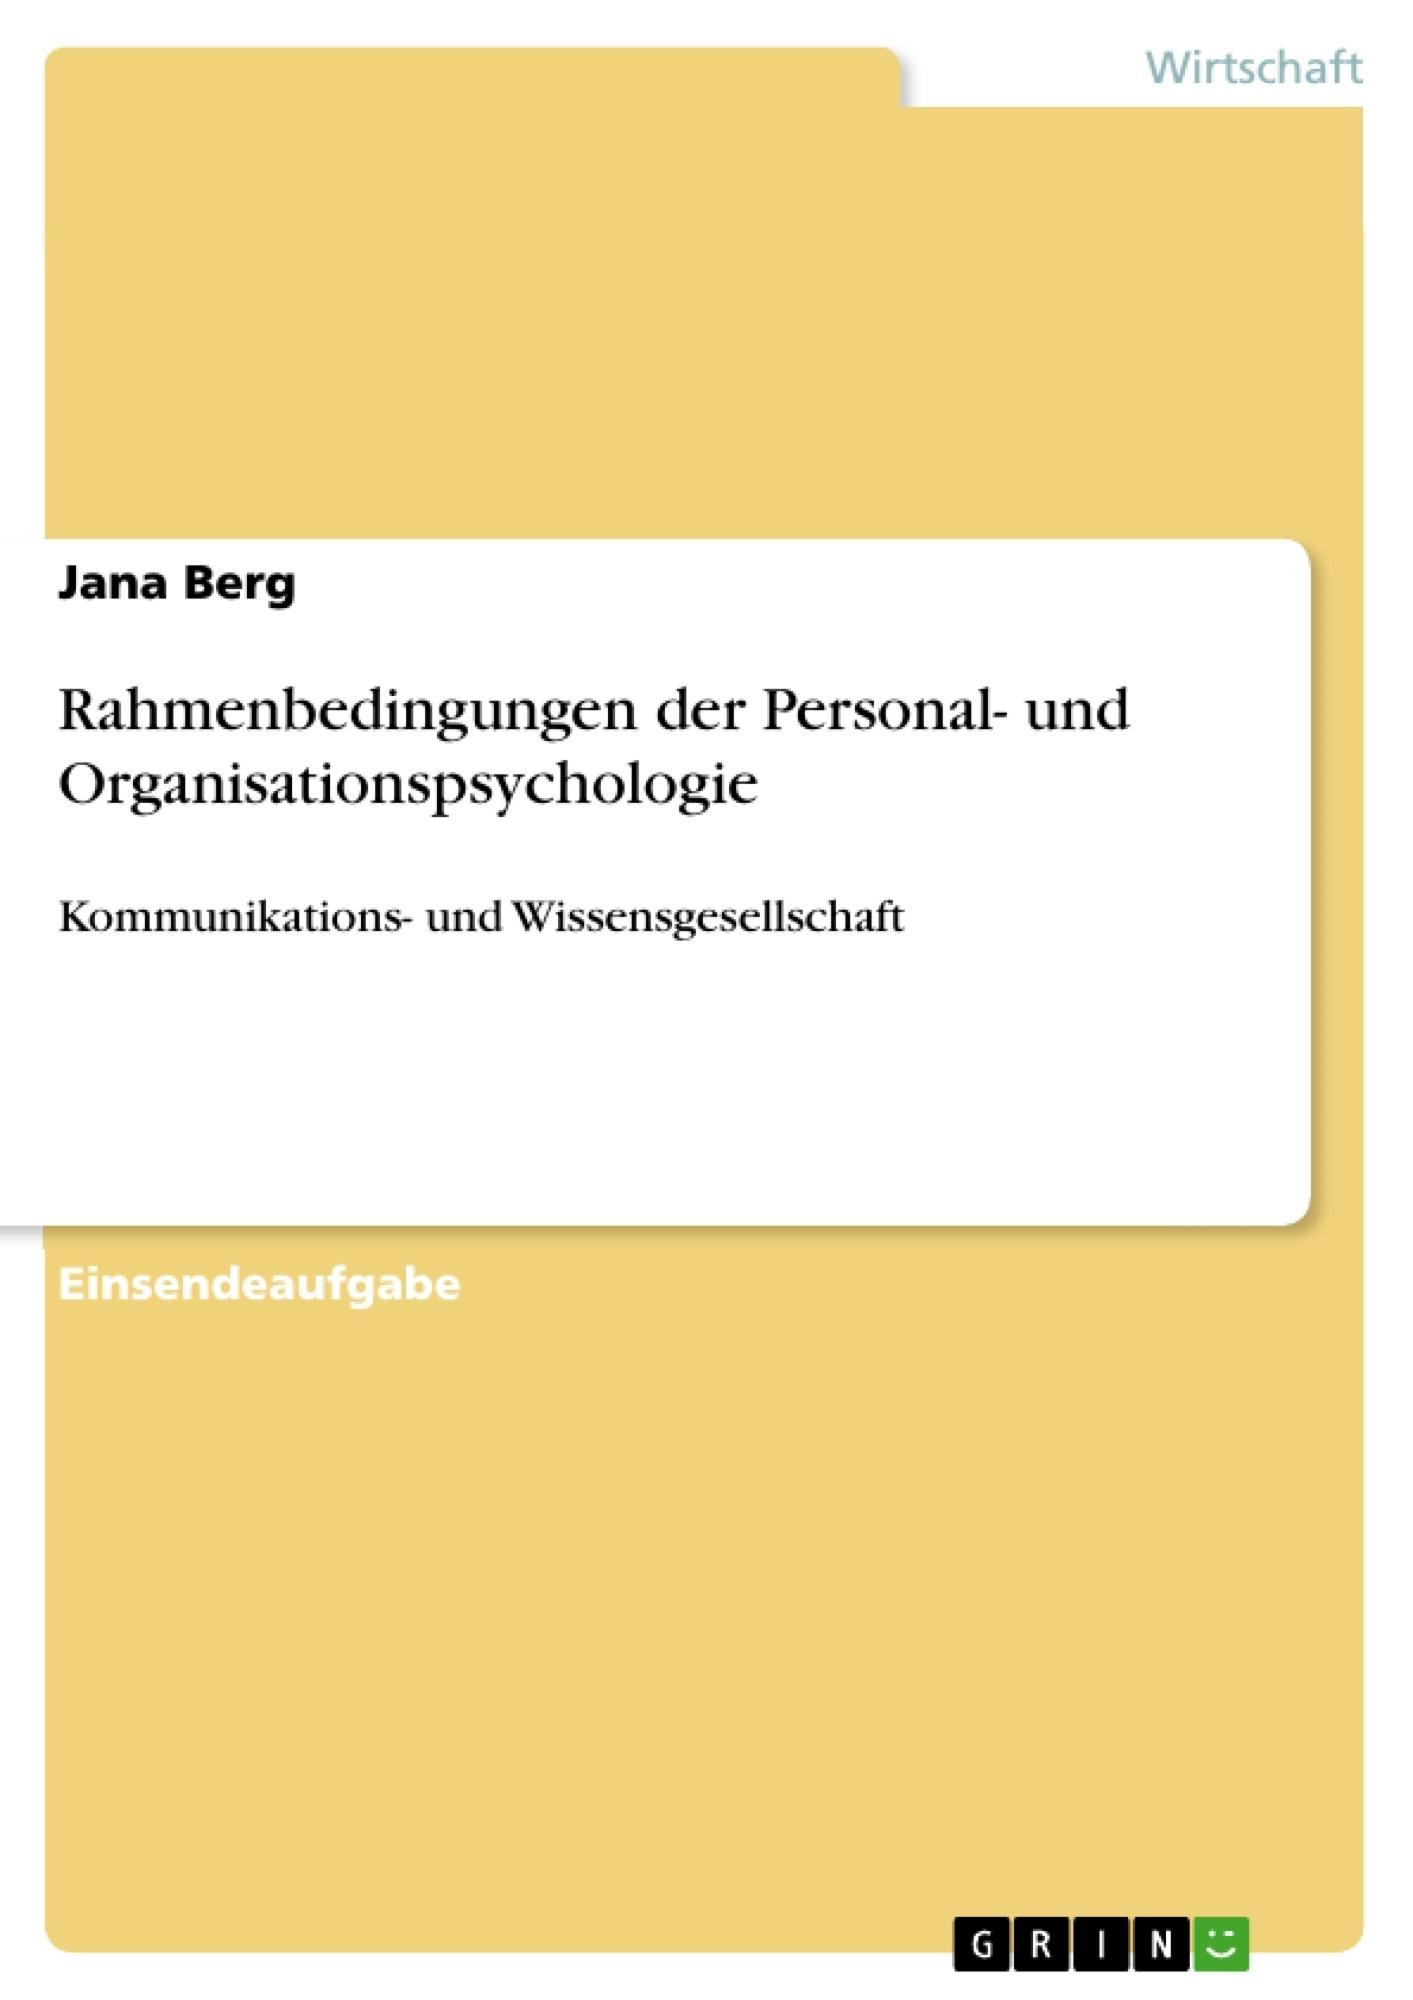 Titel: Rahmenbedingungen der Personal- und Organisationspsychologie